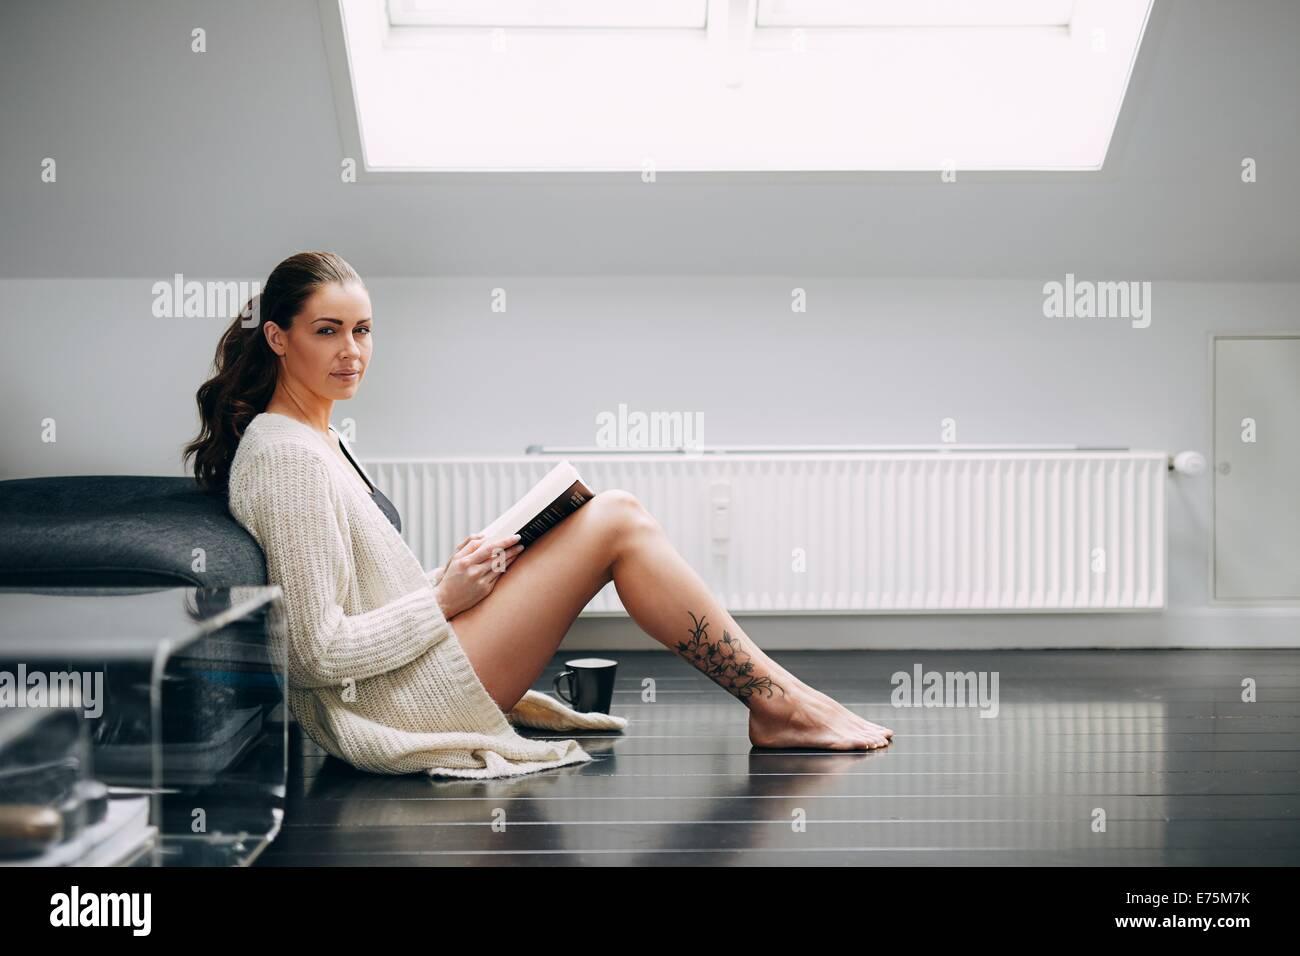 Bella bruna donna leggendo un libro di un divano. Attraente modello femminile seduto sul pavimento con un libro Immagini Stock